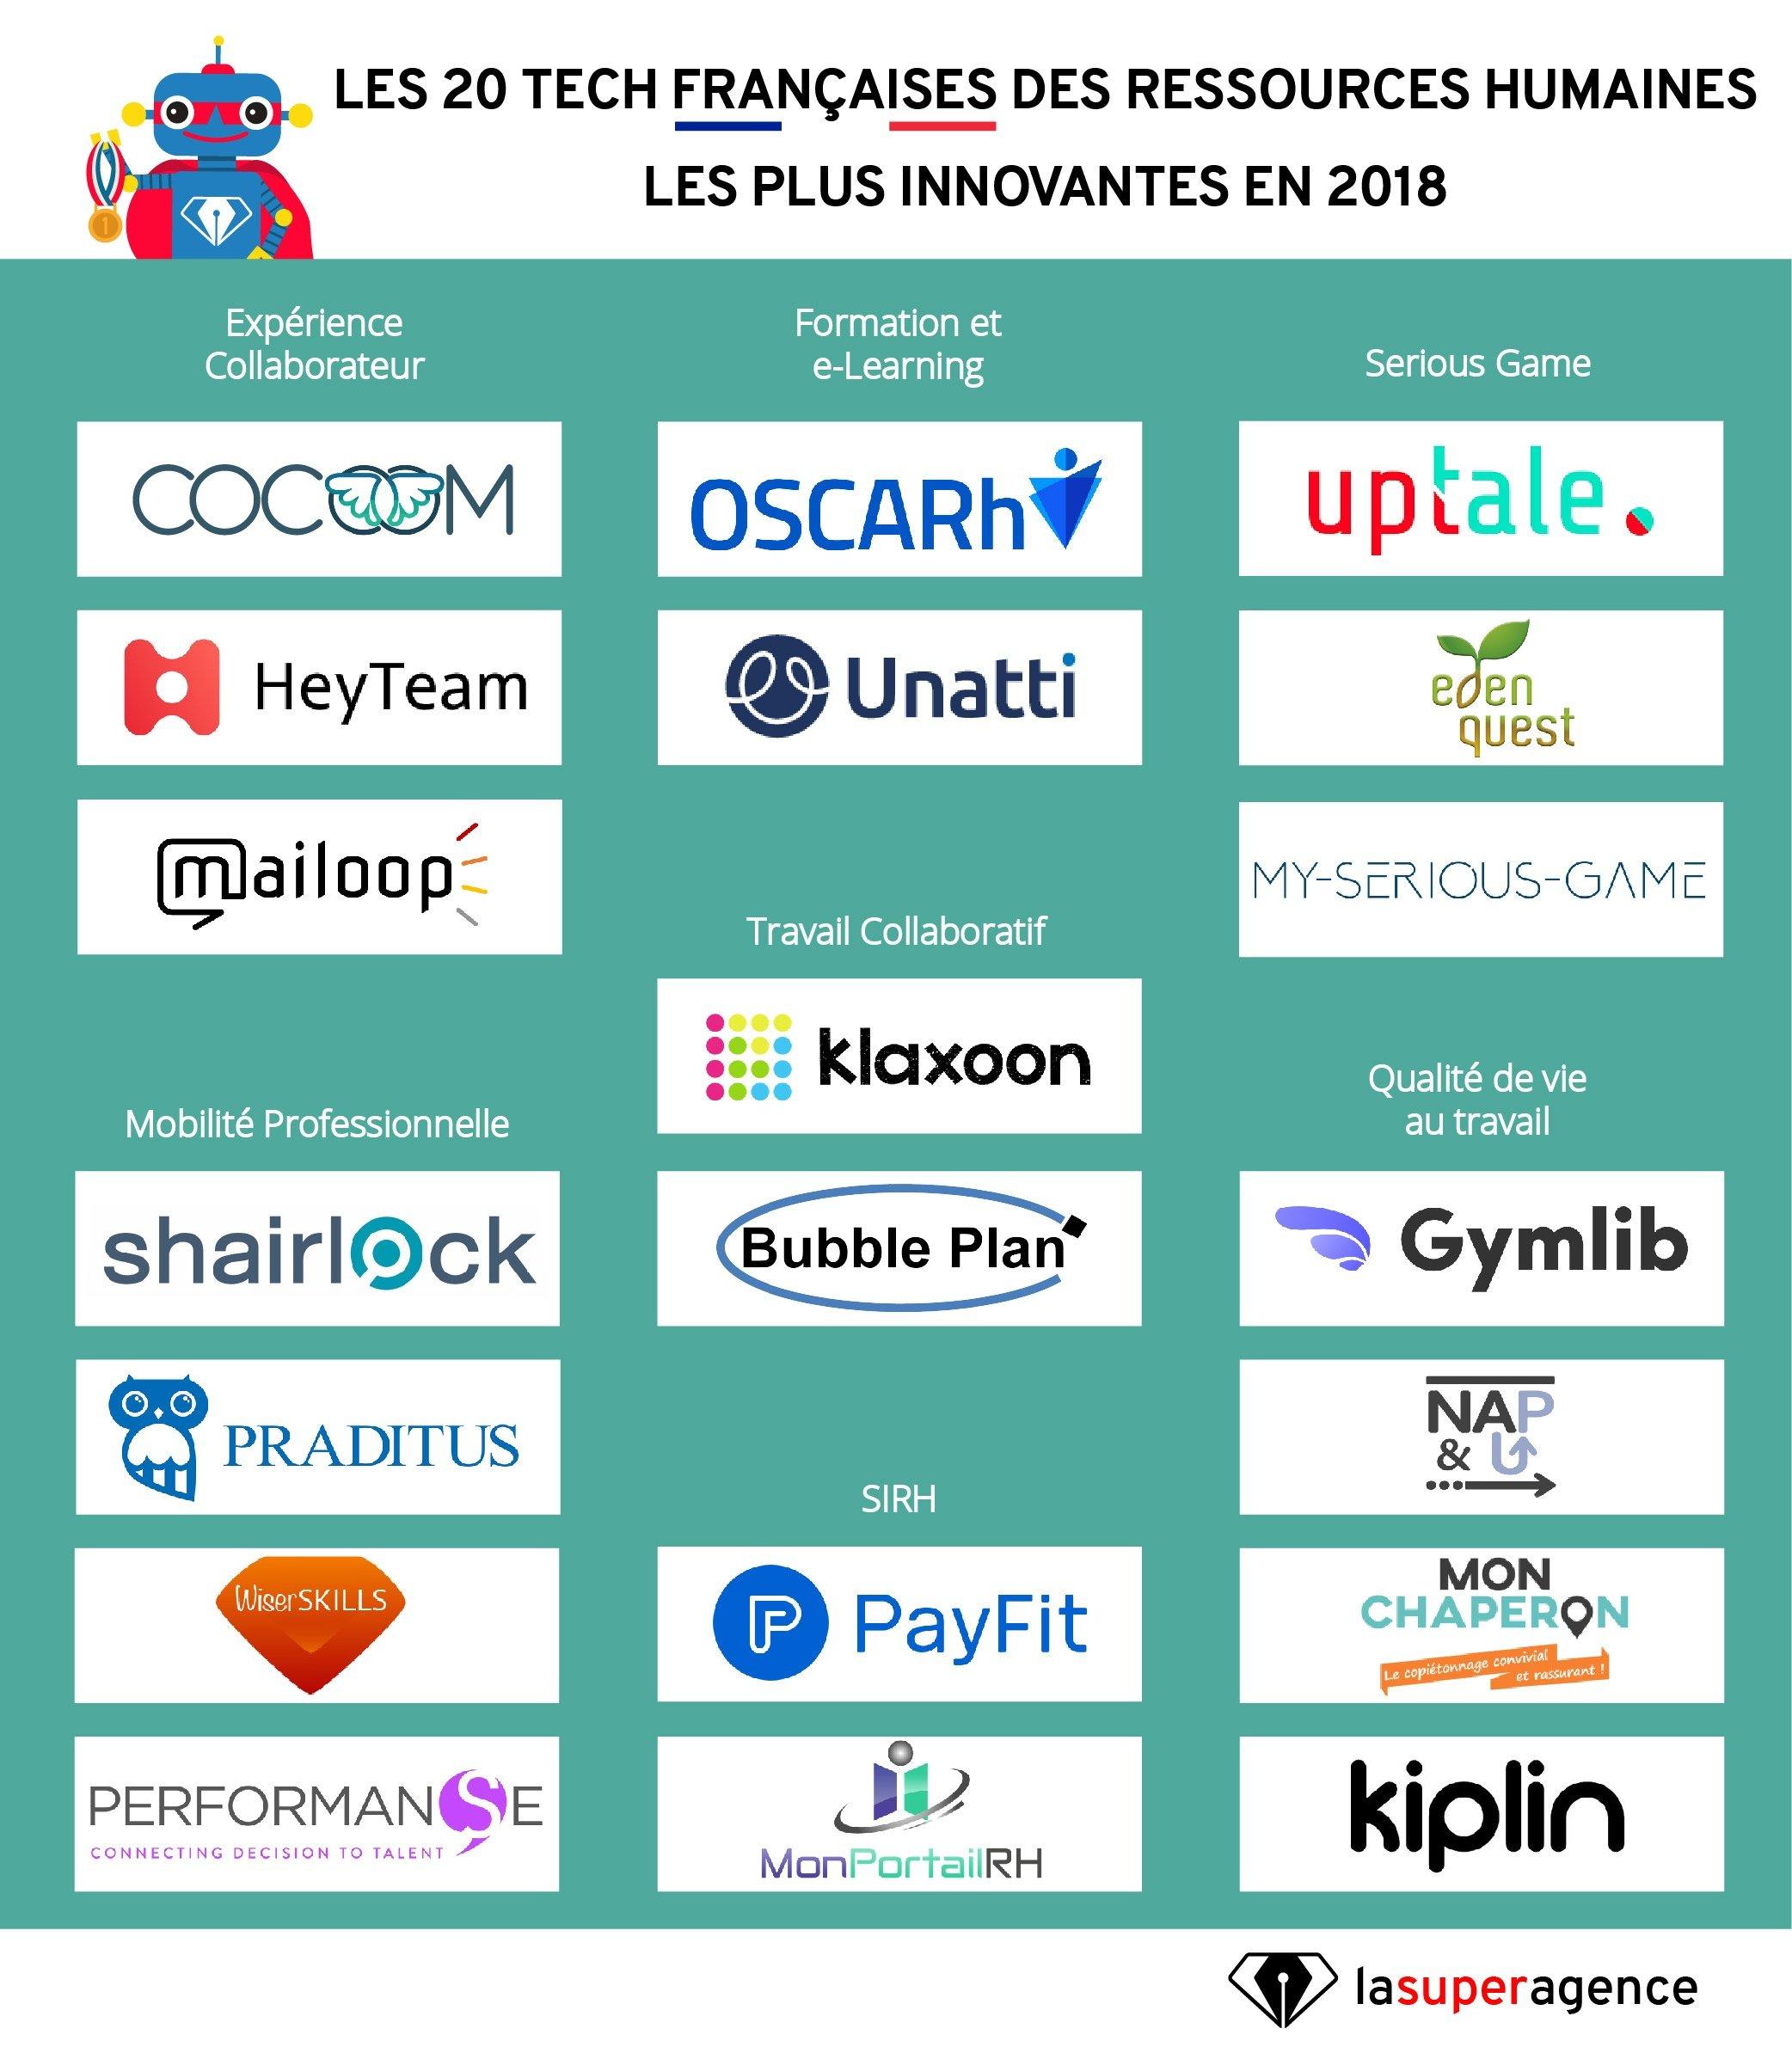 Palmarès 2018 : les tech RH françaises les plus innovantes